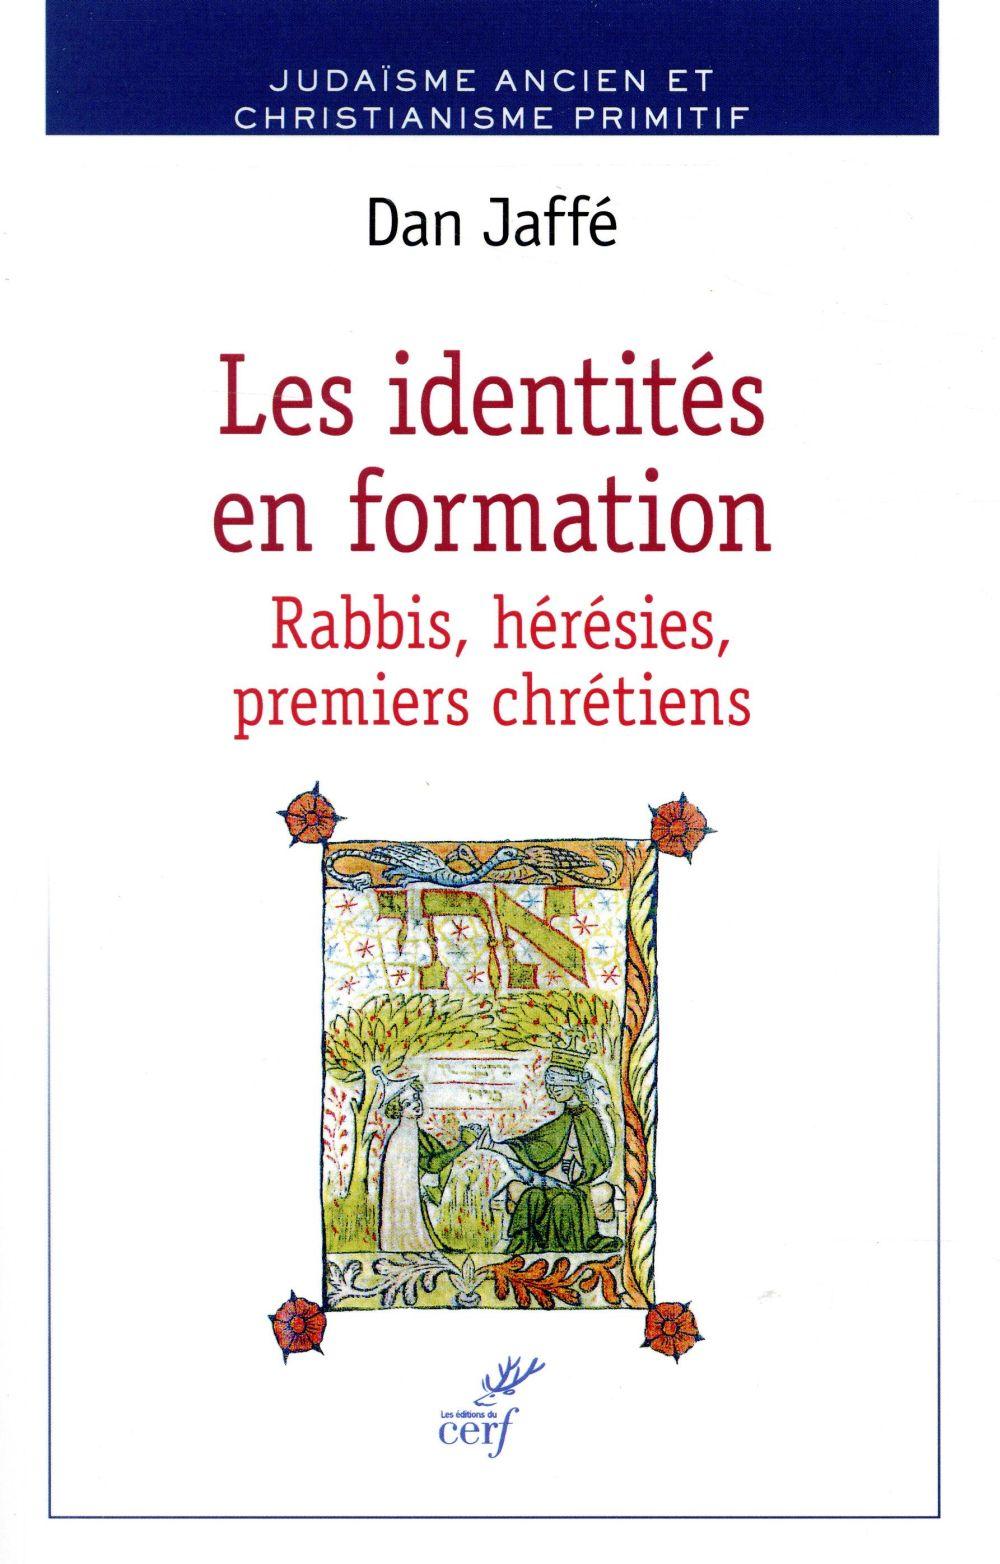 Les identités en formation ; rabbis, hérésies, premiers chrétiens